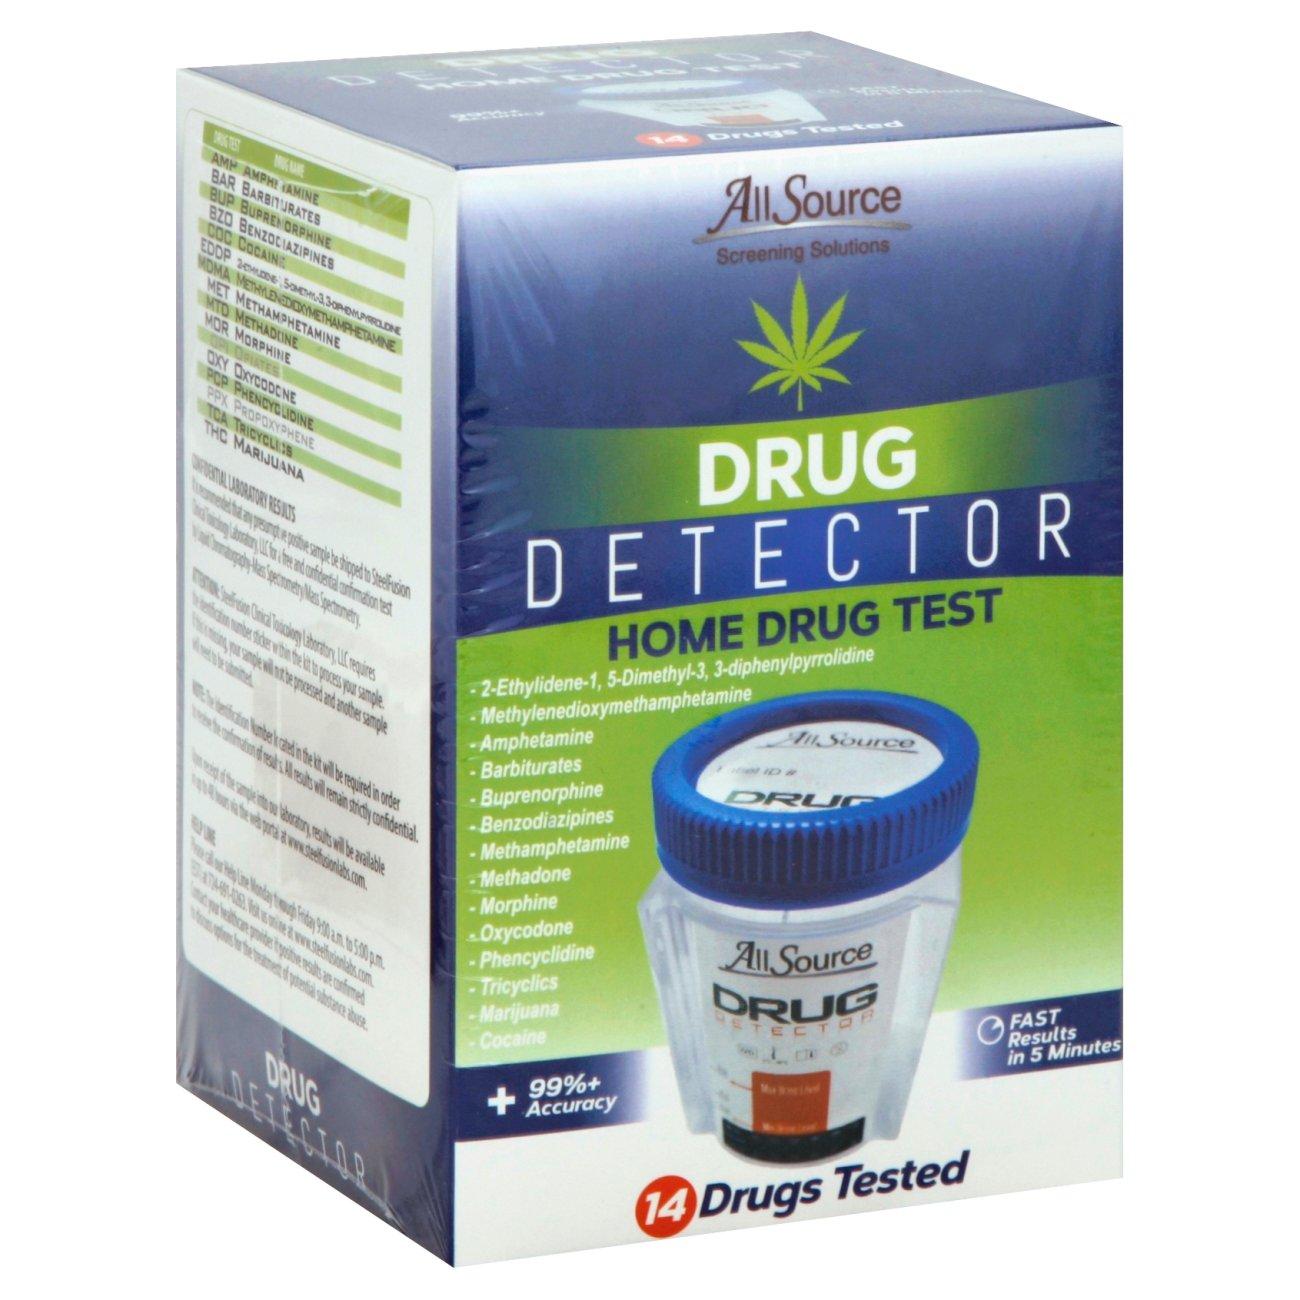 All Source Drug Detector 14 Panel Home Drug Test